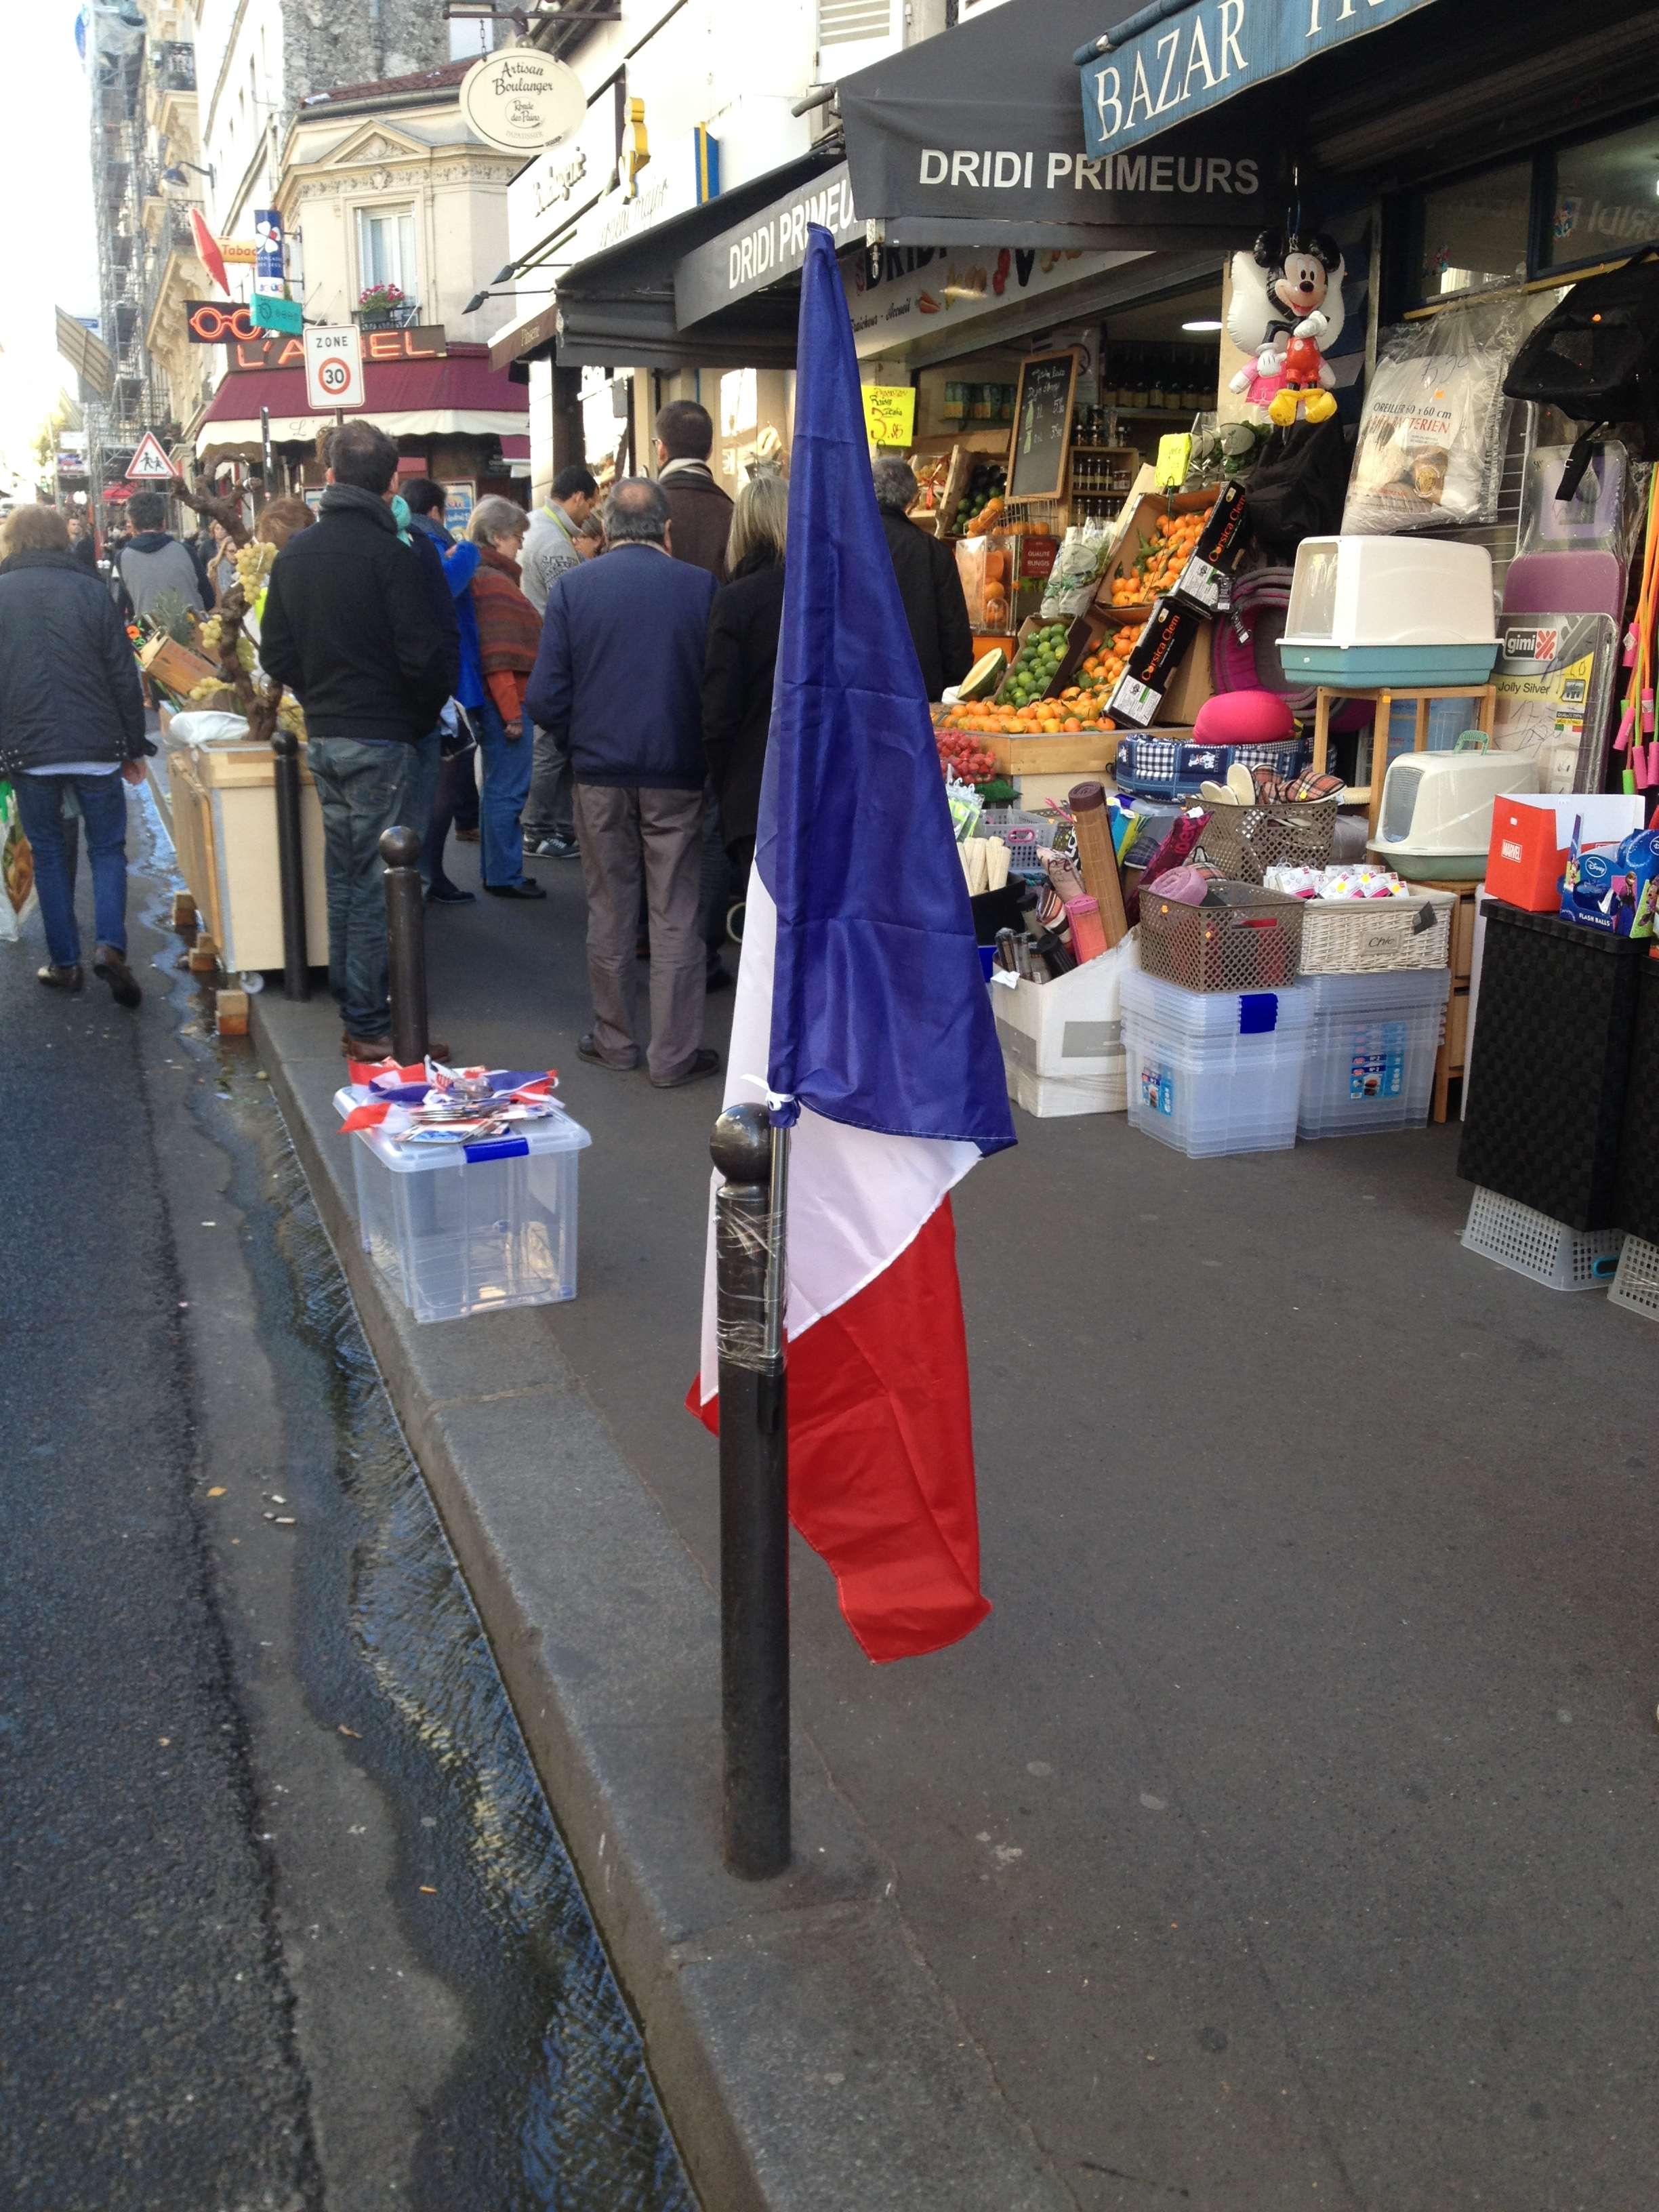 Dupà model american, francezii scot drapelul în stradà când le e mai greu